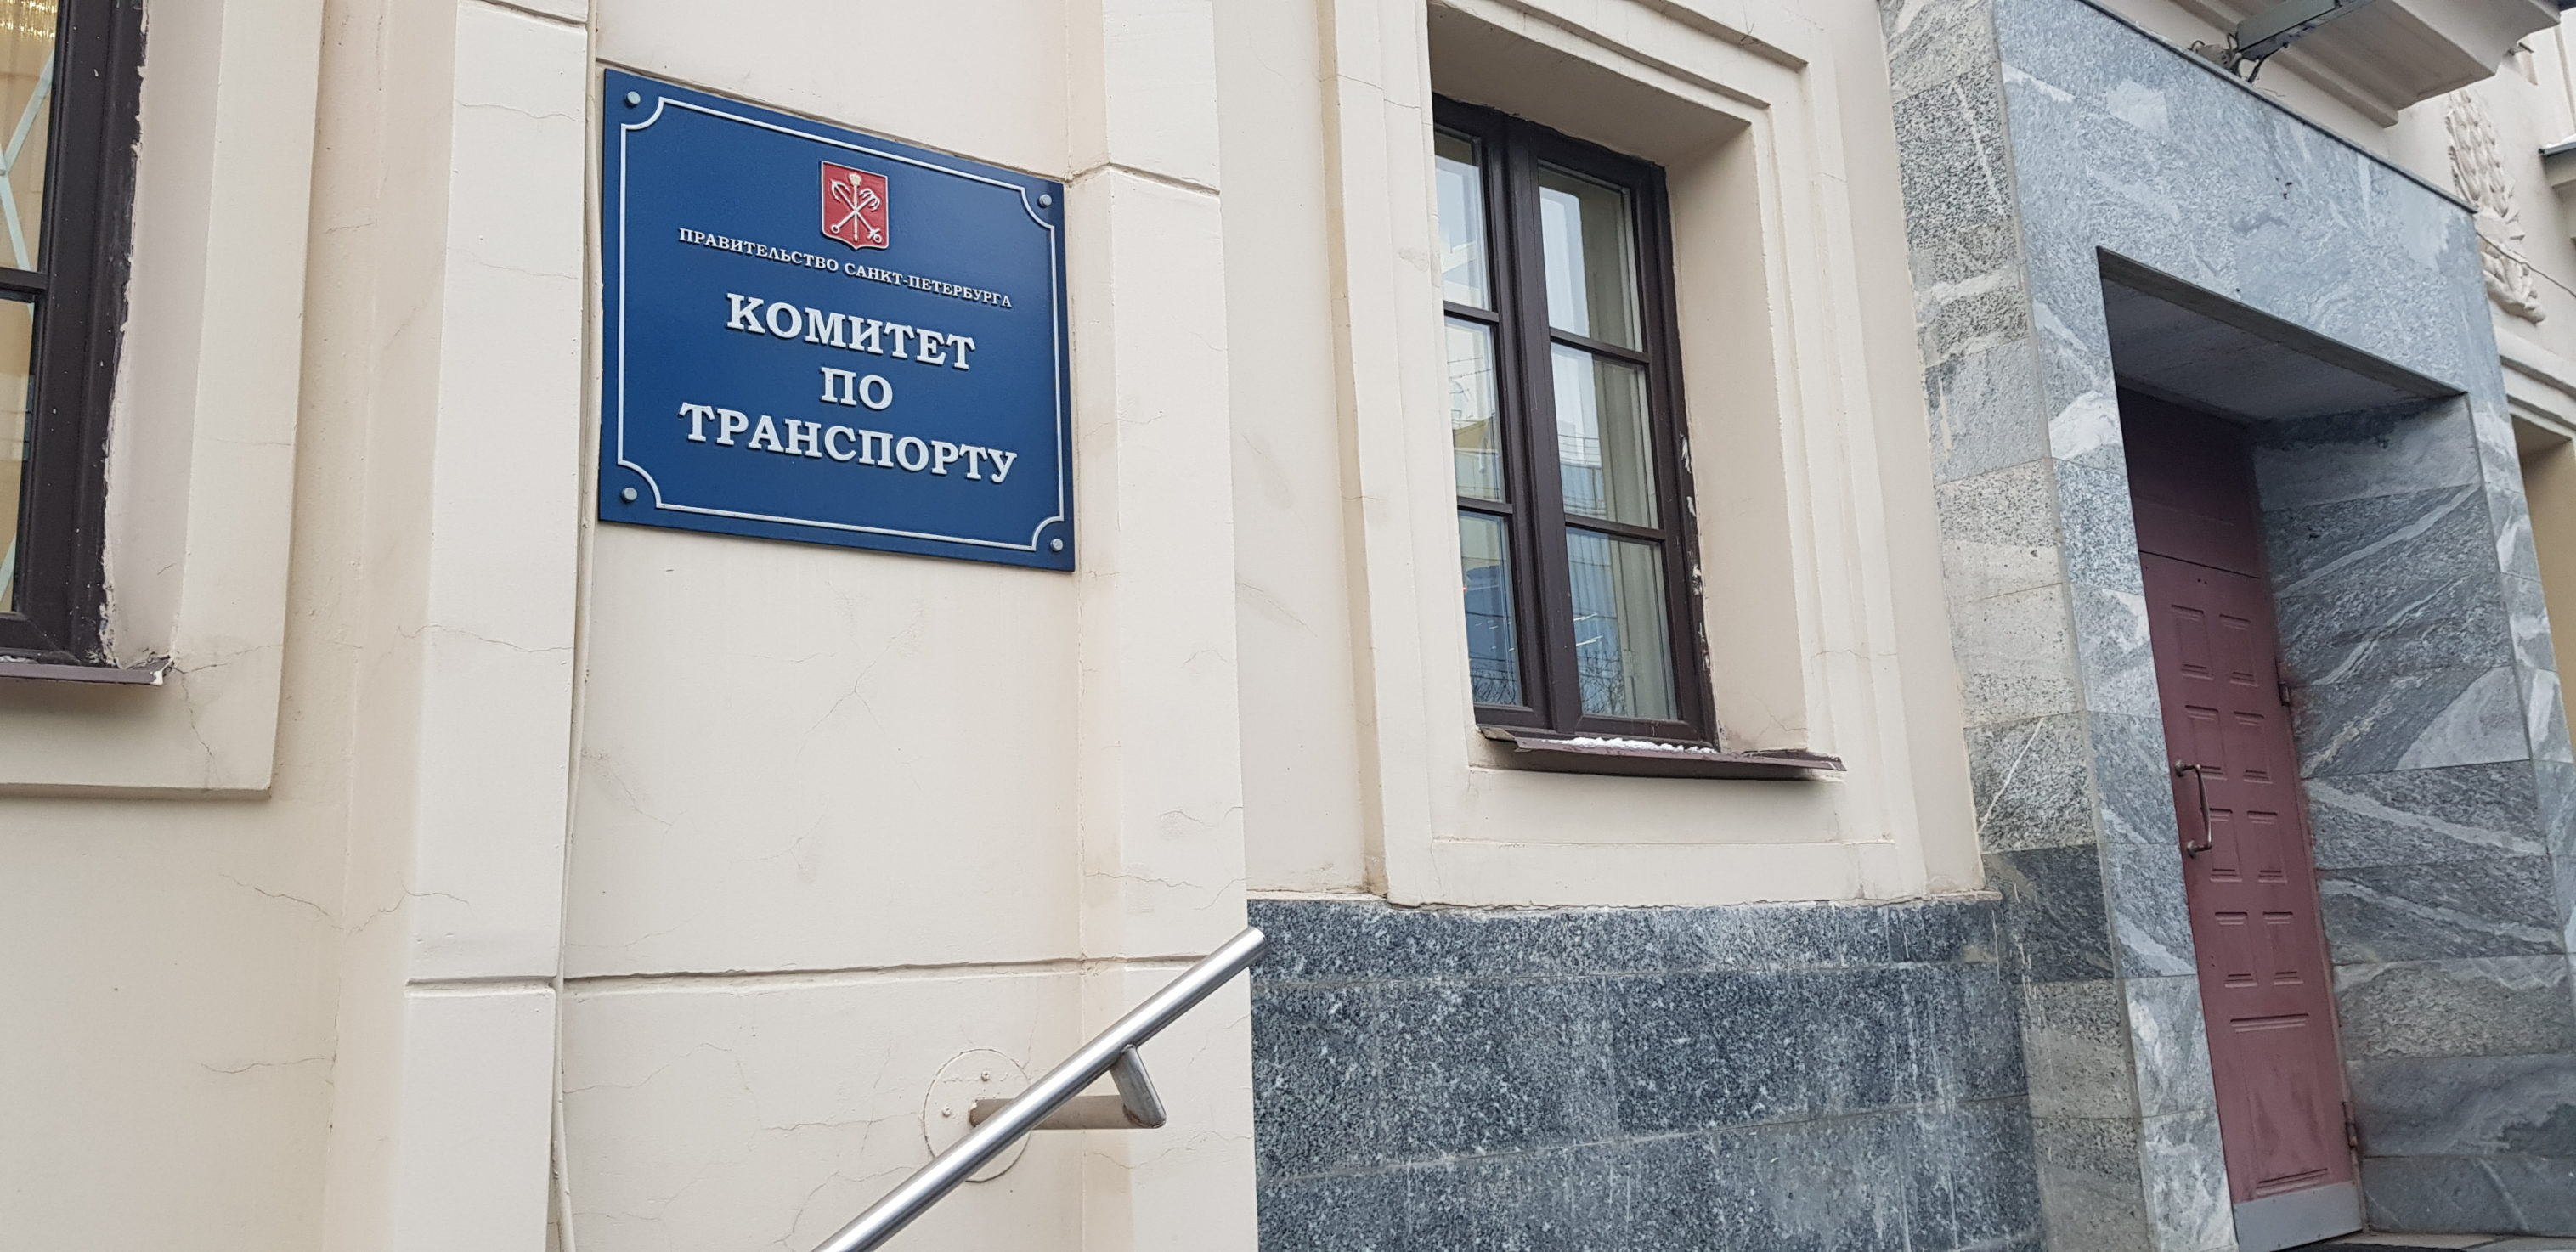 Информация из Комитета по транспорту, Исполкомская ул, 16А